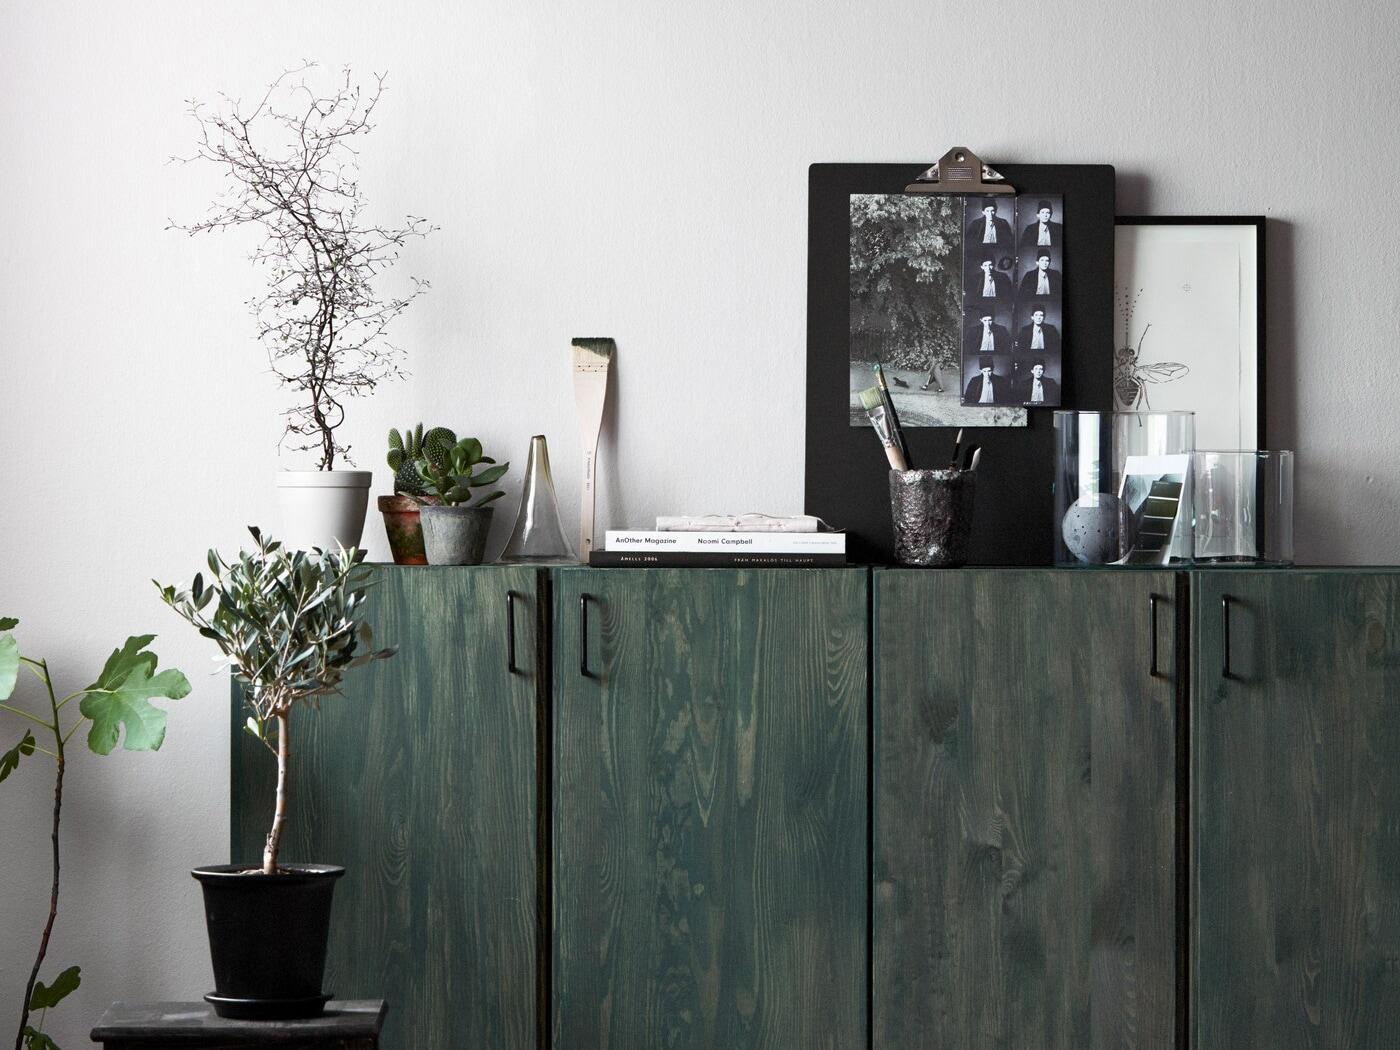 IKEA - Mbler, inredning och inspiration